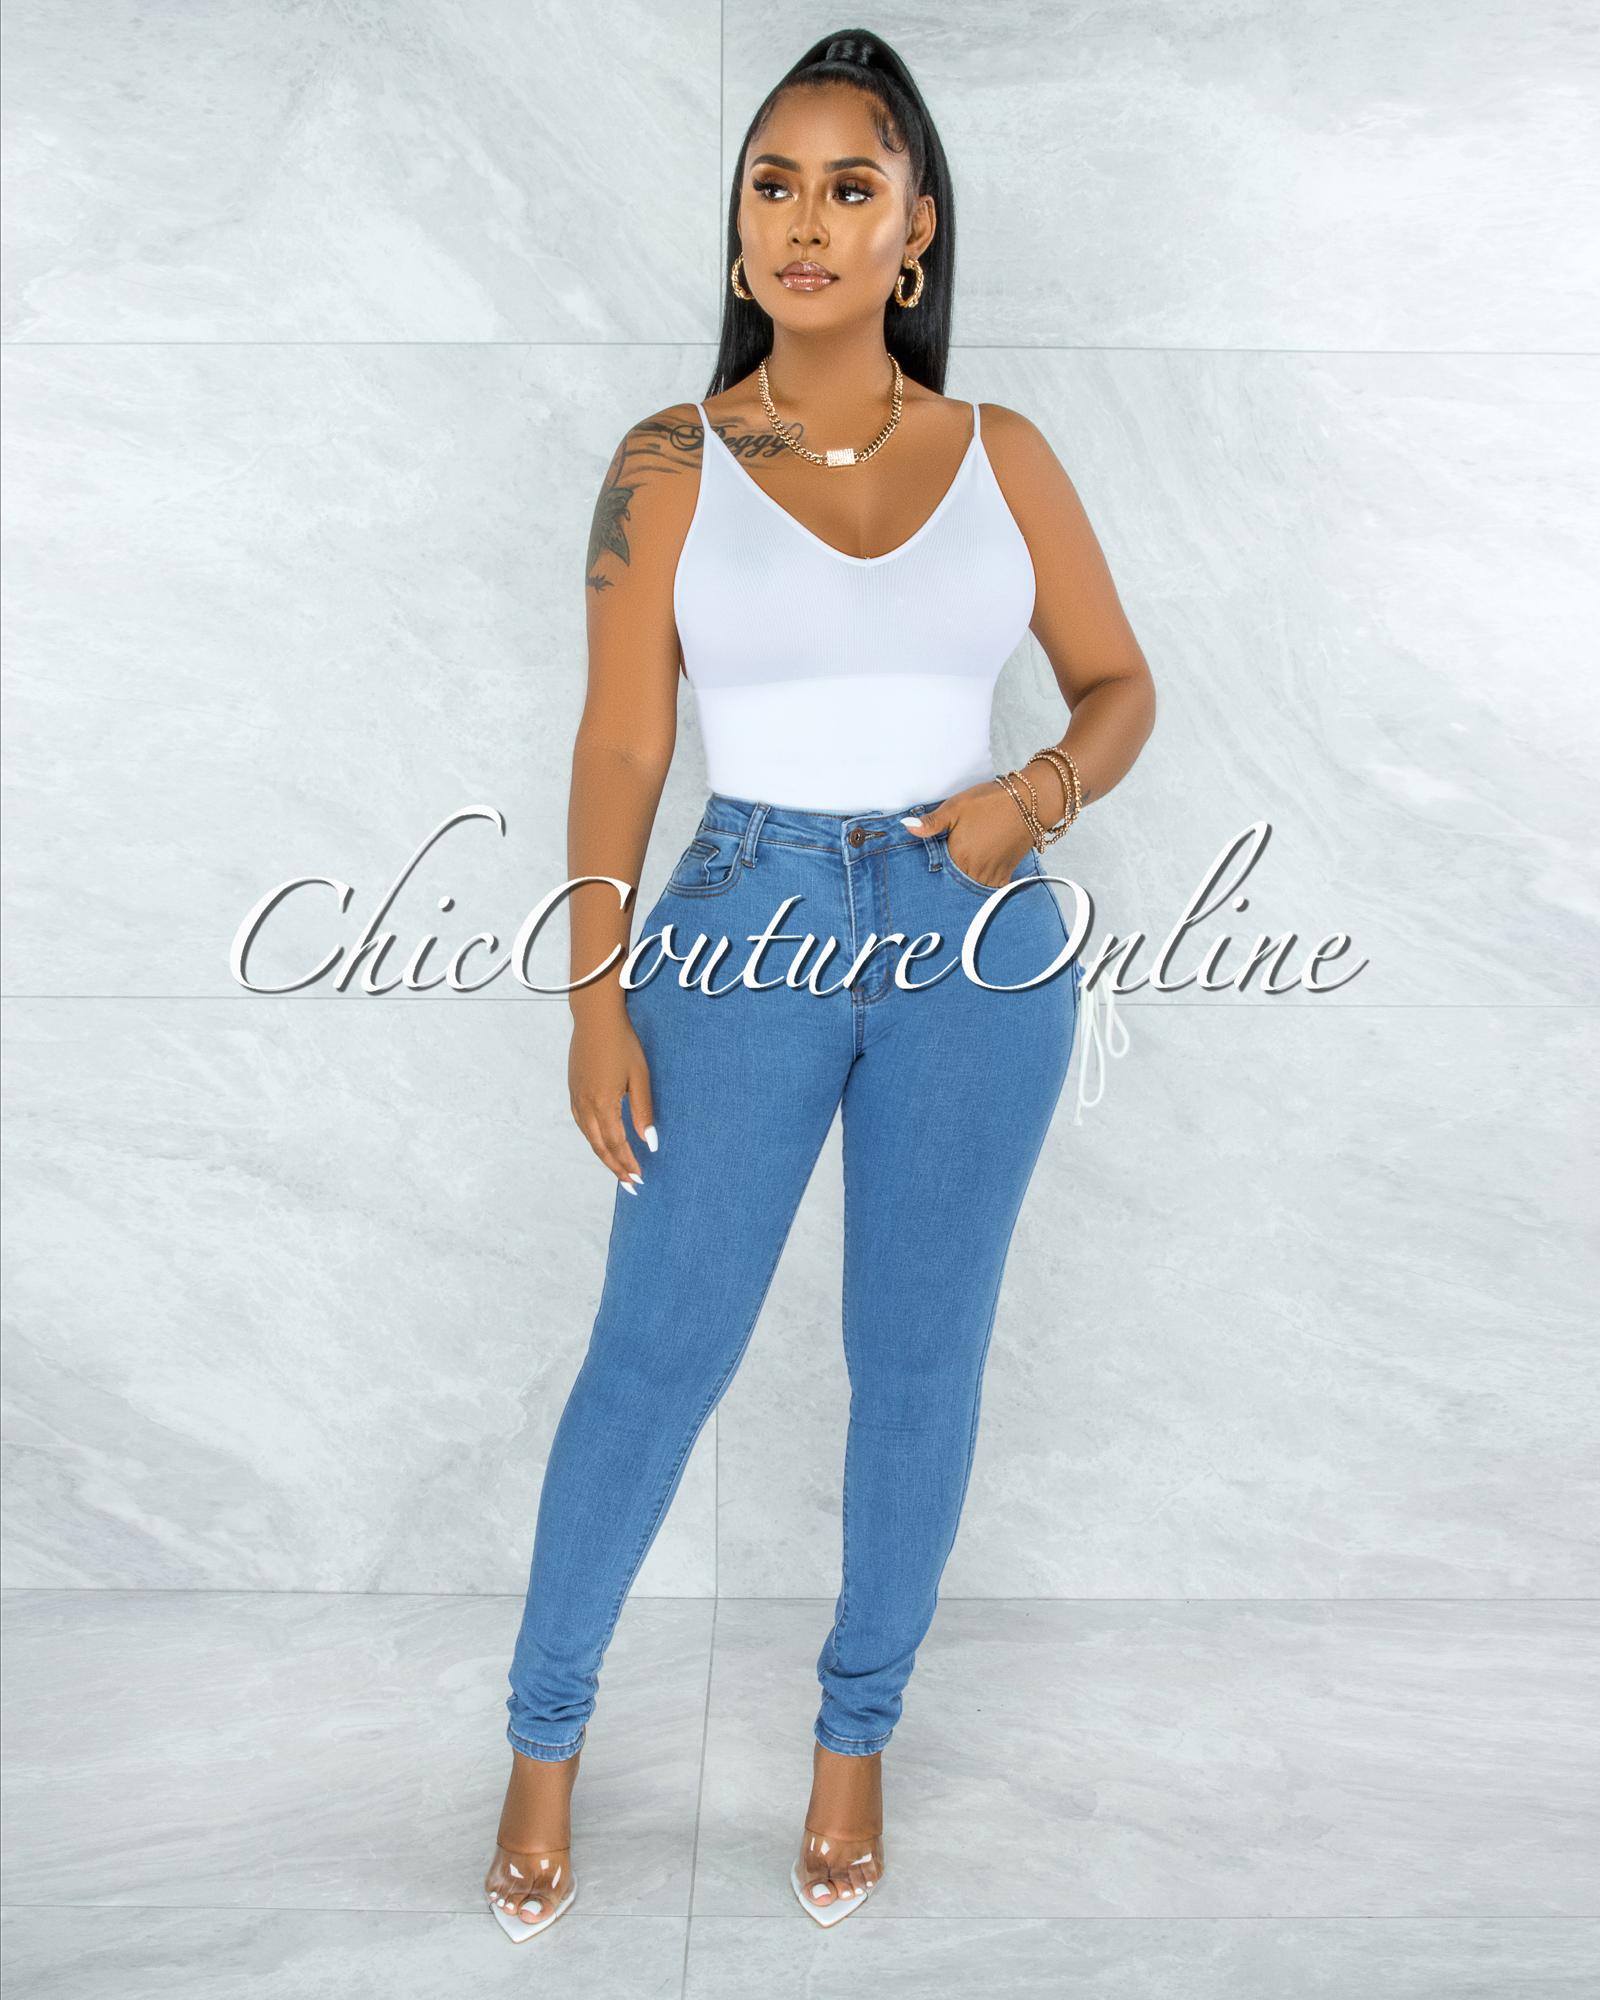 Lanny Blue Denim White Lace-Up Cut Out Accent Jeans